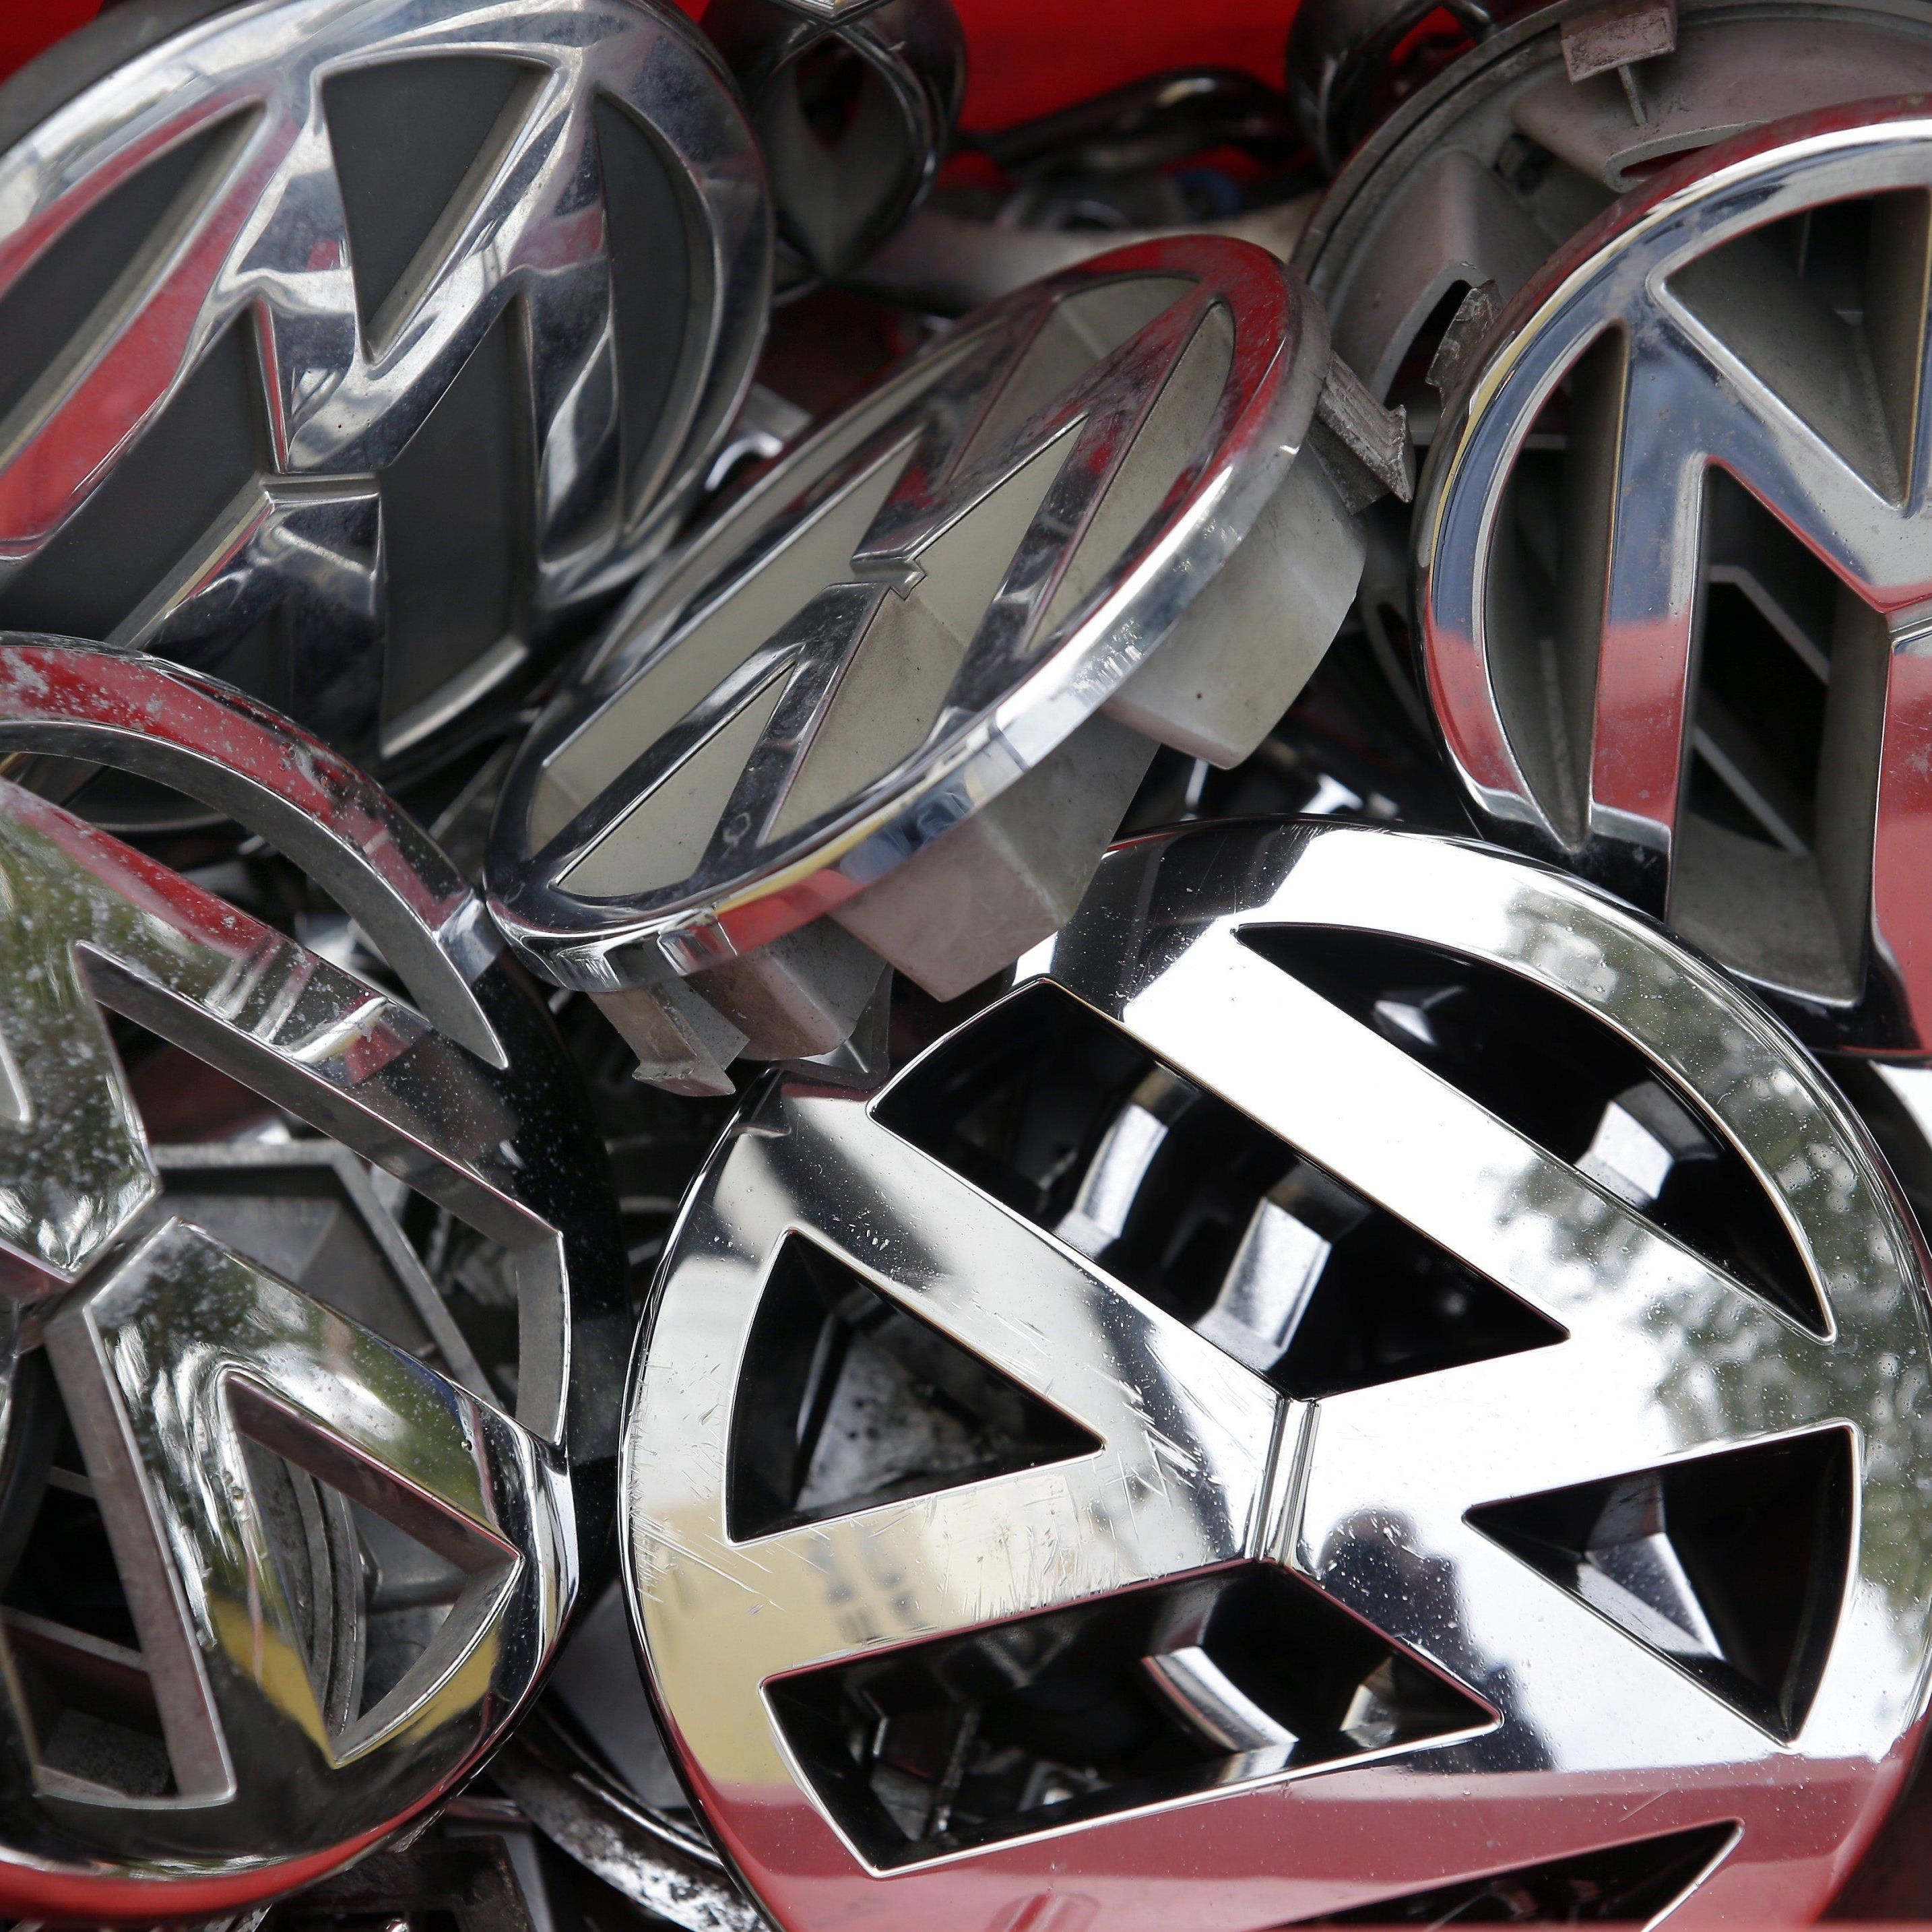 Deutscher Autokonzern offenbar durch Zufall erwischt.